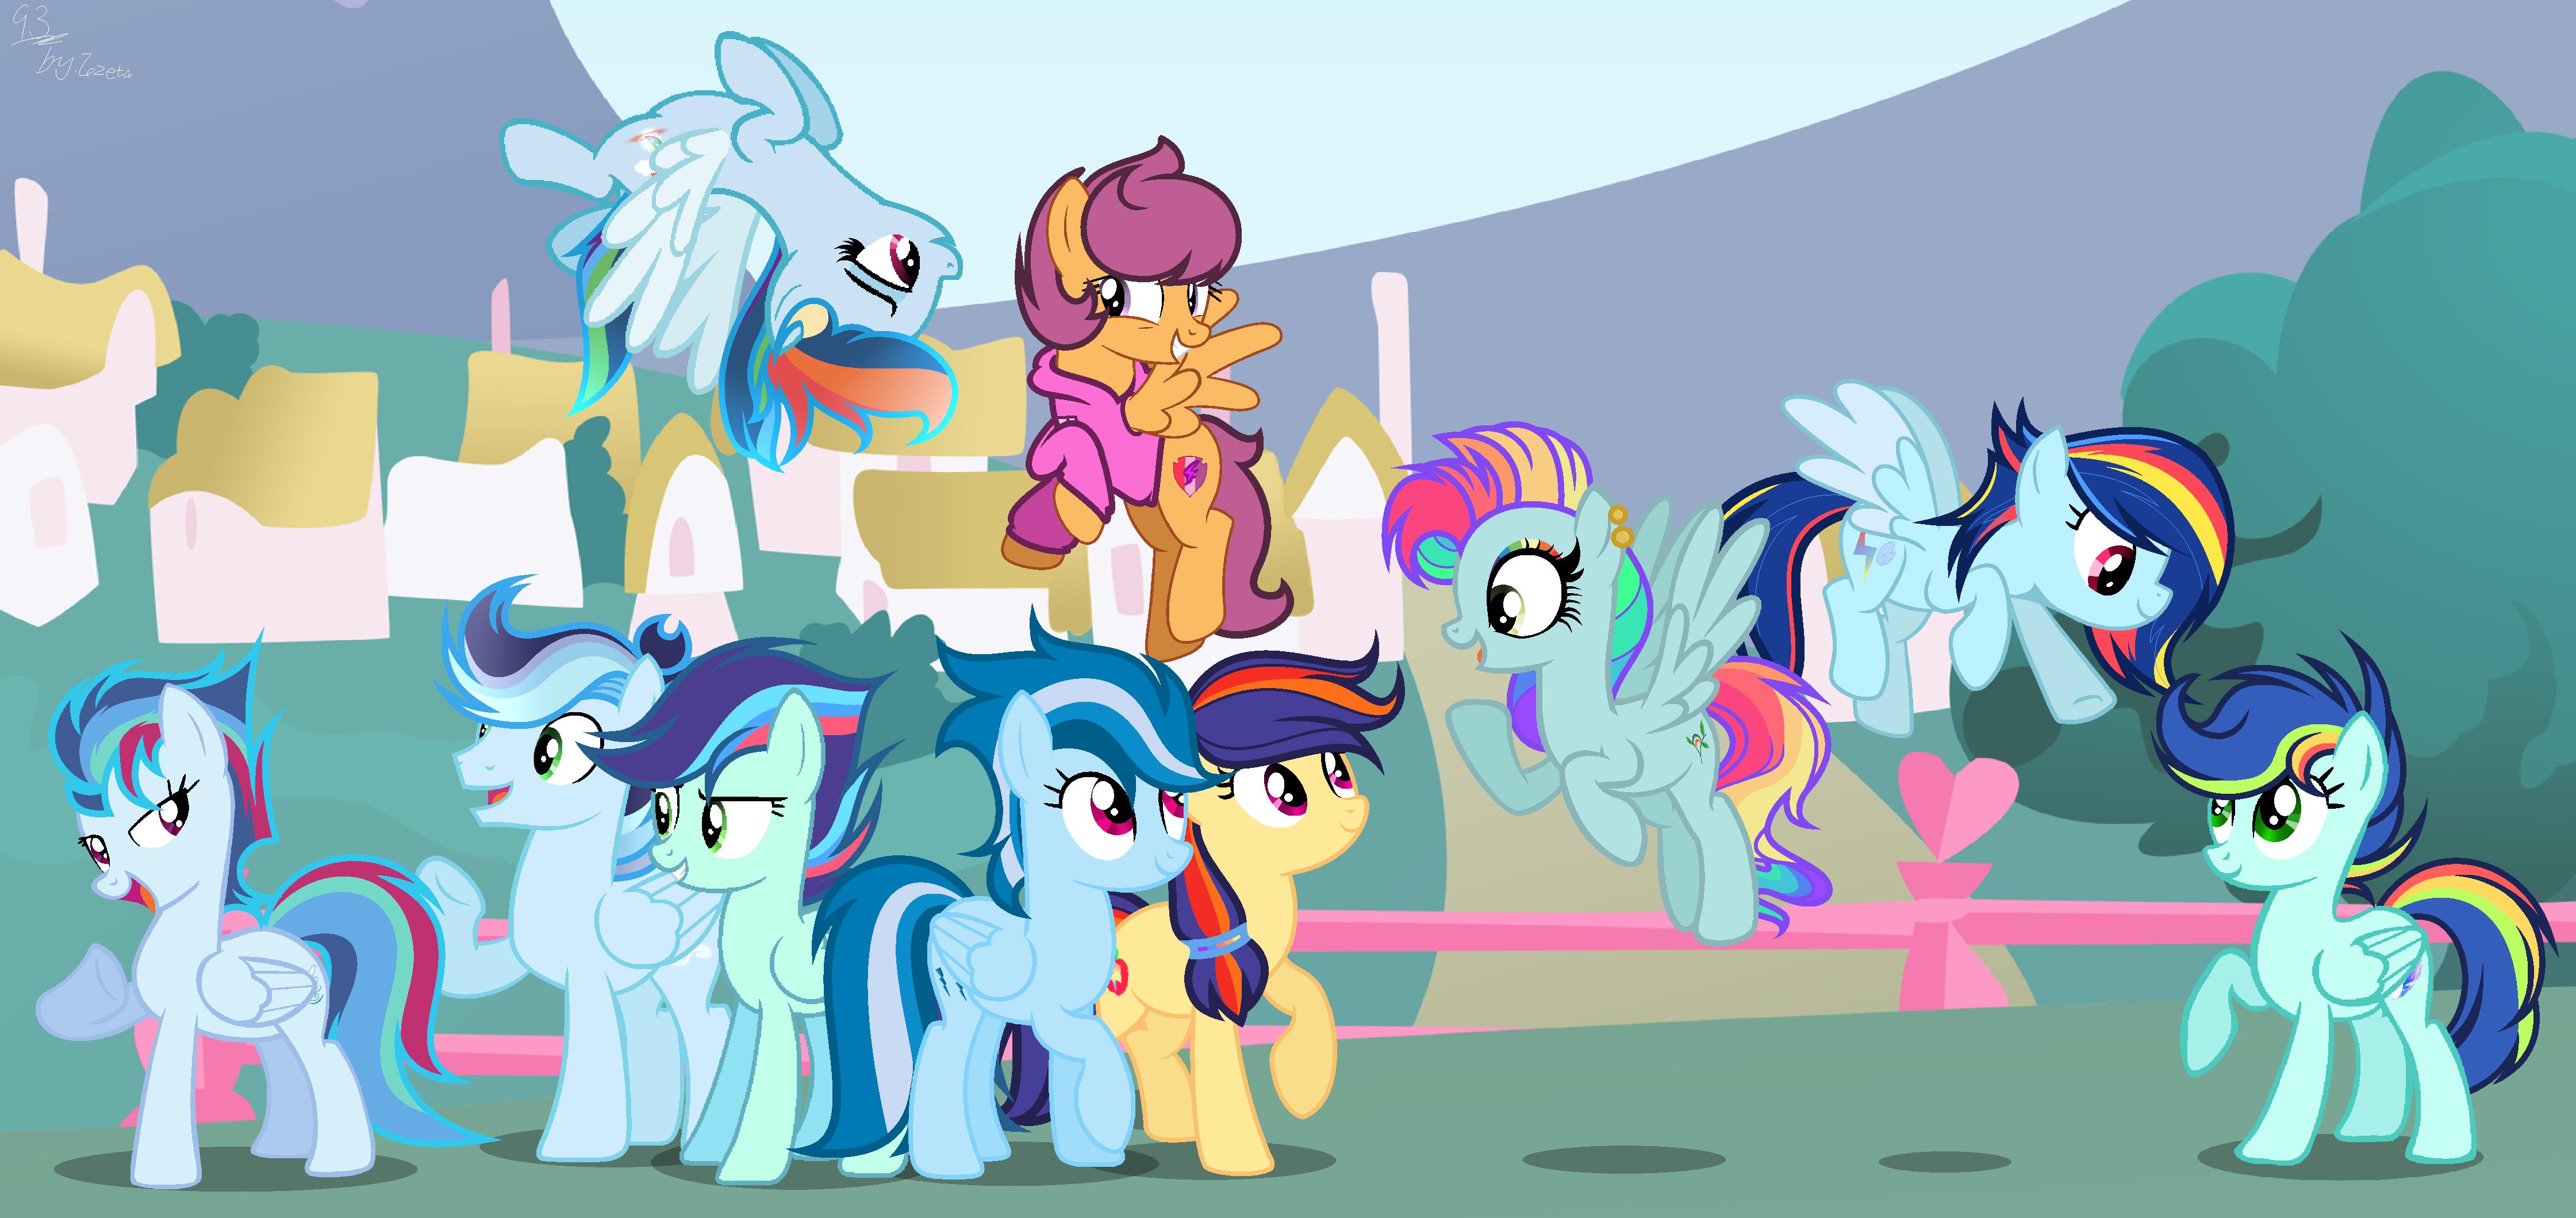 Next Gen Rainbow Dash S Kids Except Scootaloo By Whiteplumage233 On Deviantart Rainbow dash and scootaloo walk out. next gen rainbow dash s kids except